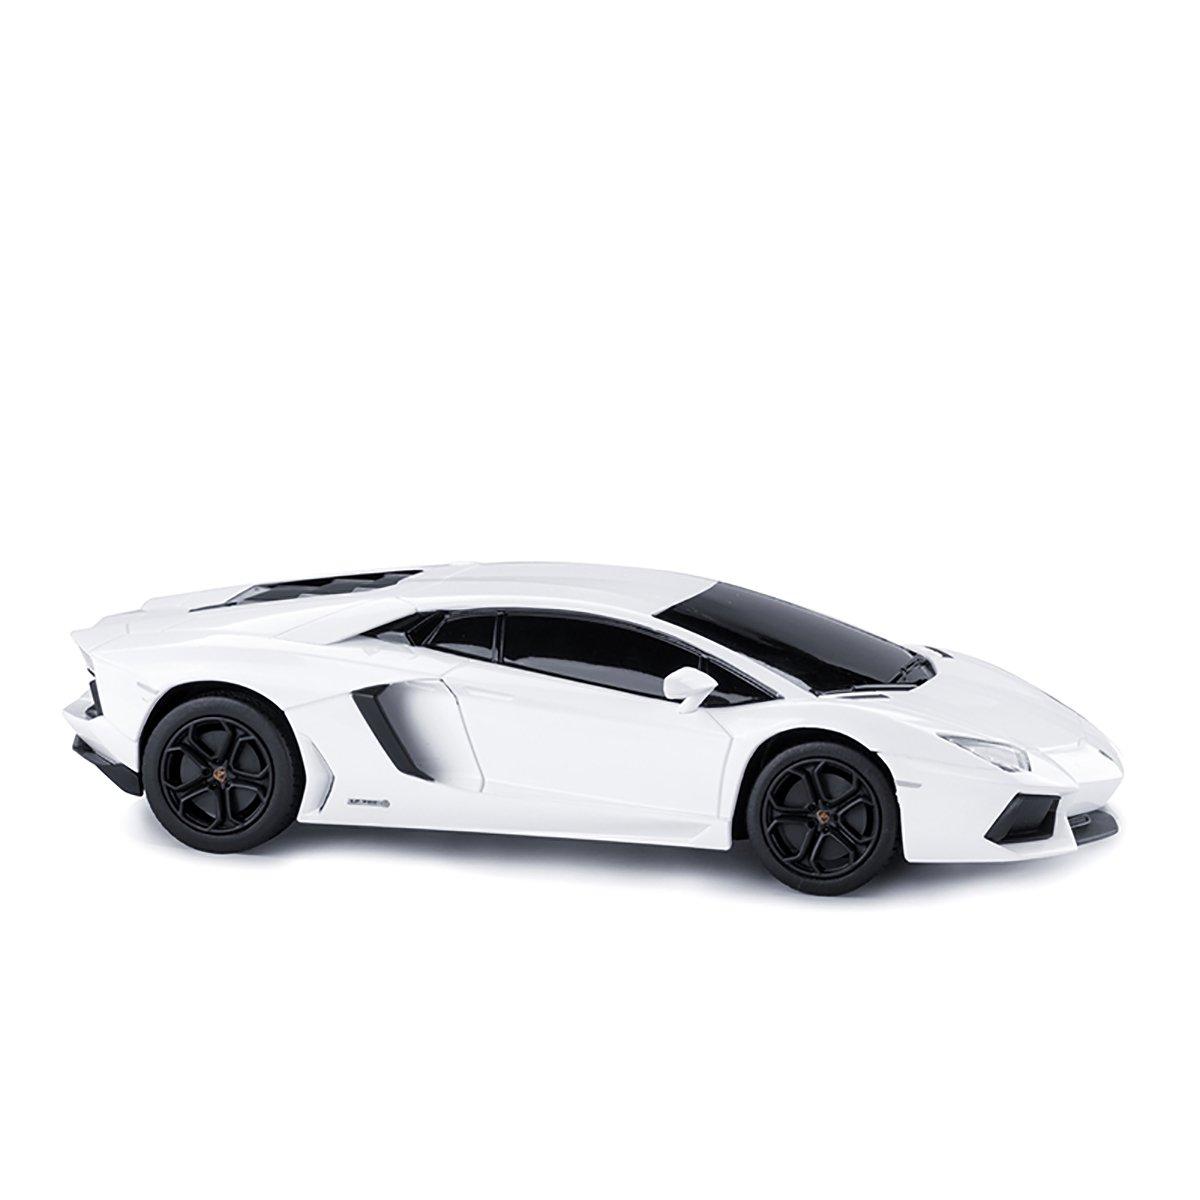 Masinuta cu telecomanda Rastar Lamborghini Aventador LP700 RC, Alb, 1:24